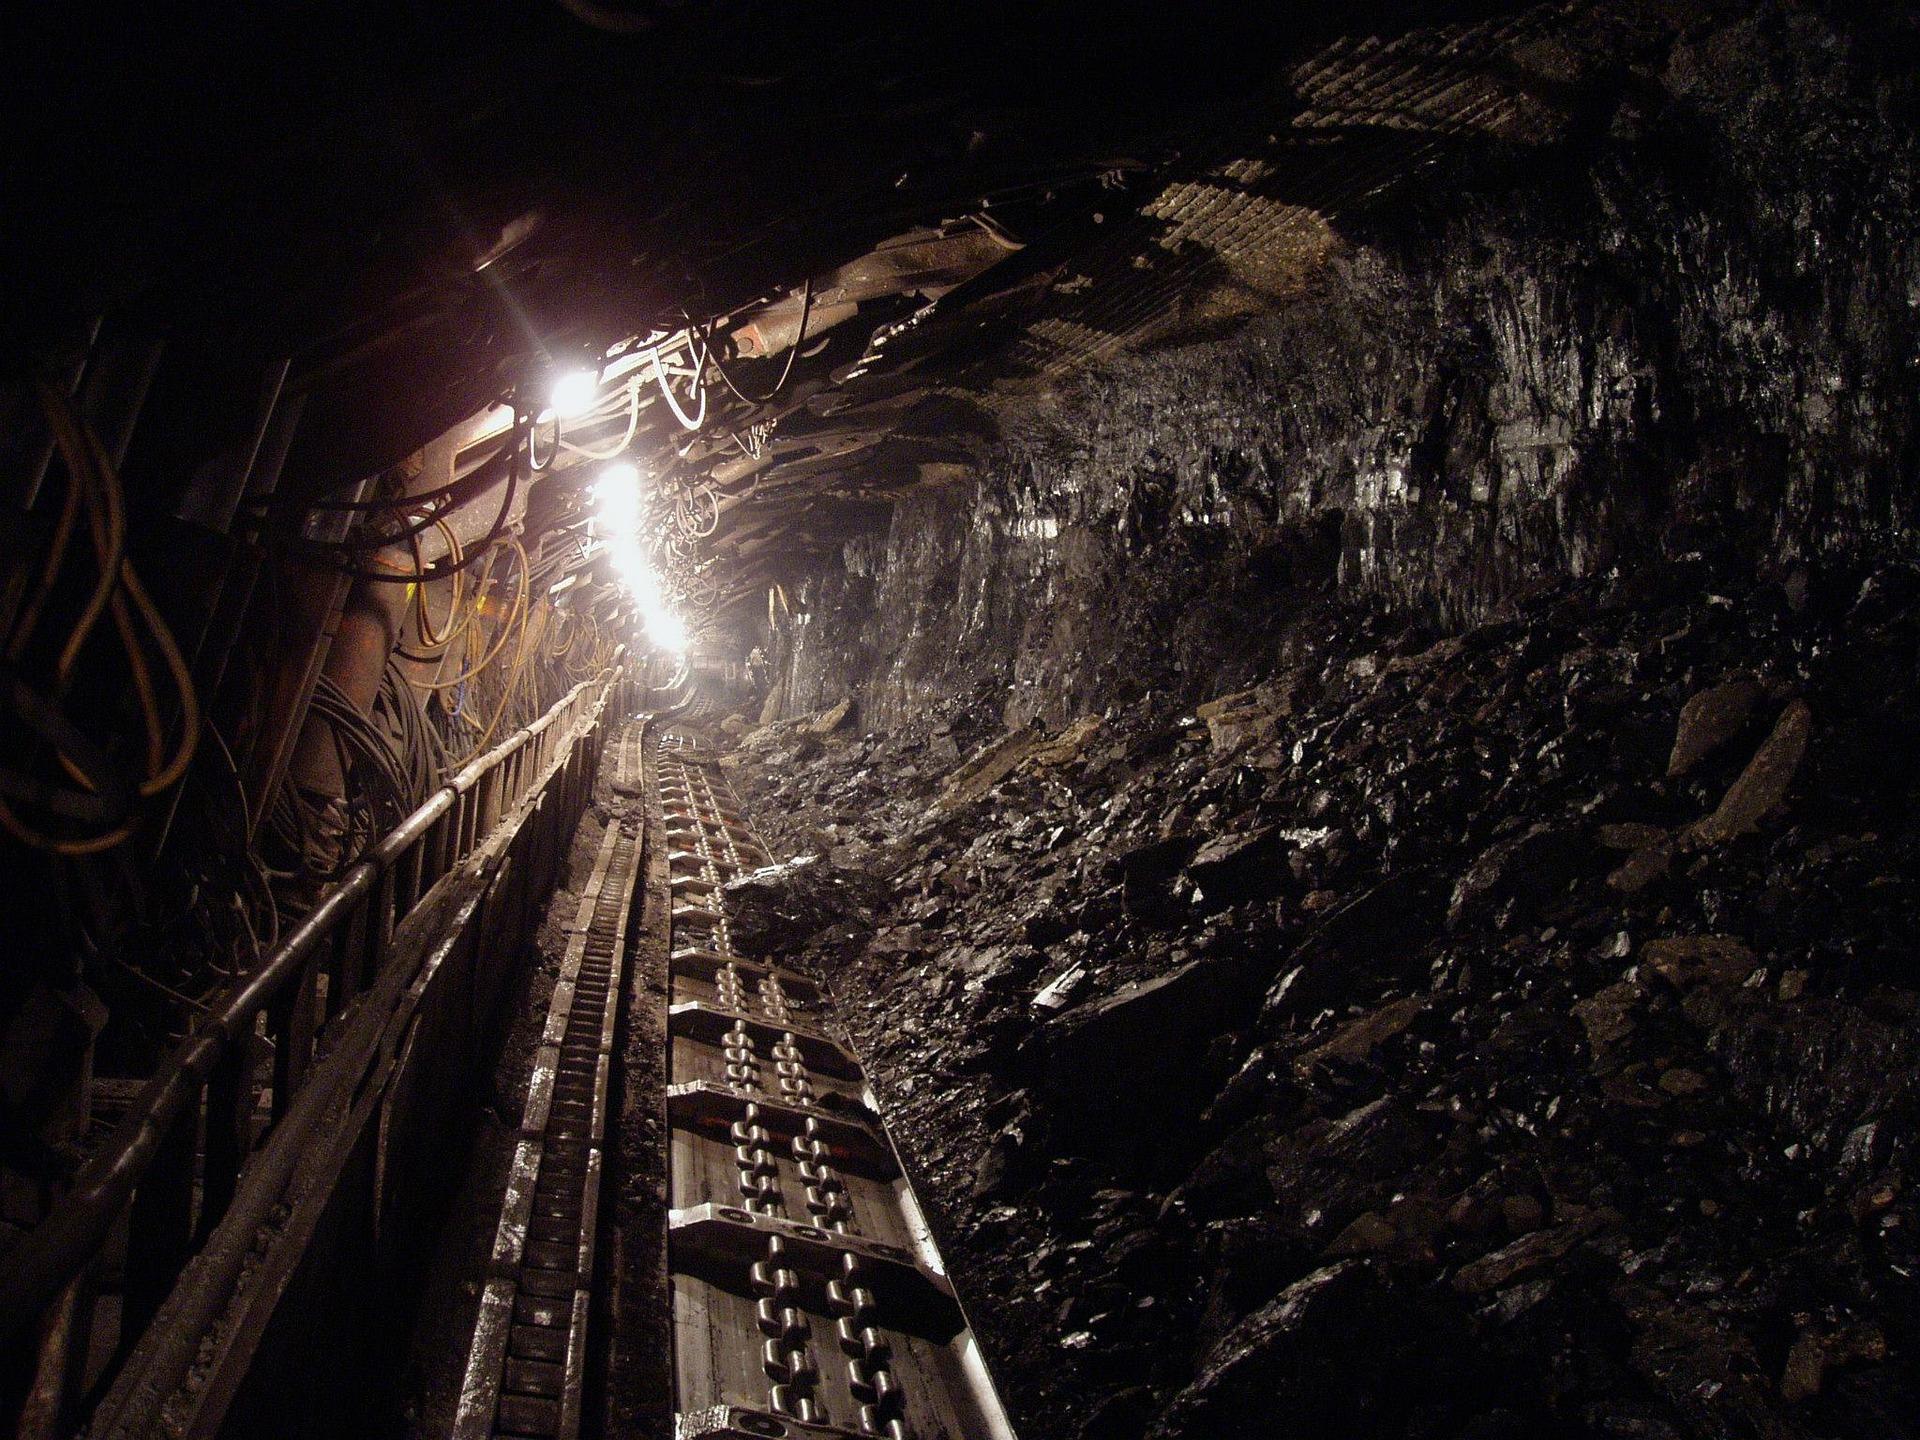 Konieczne zmiany w prawie geologicznym i górniczym